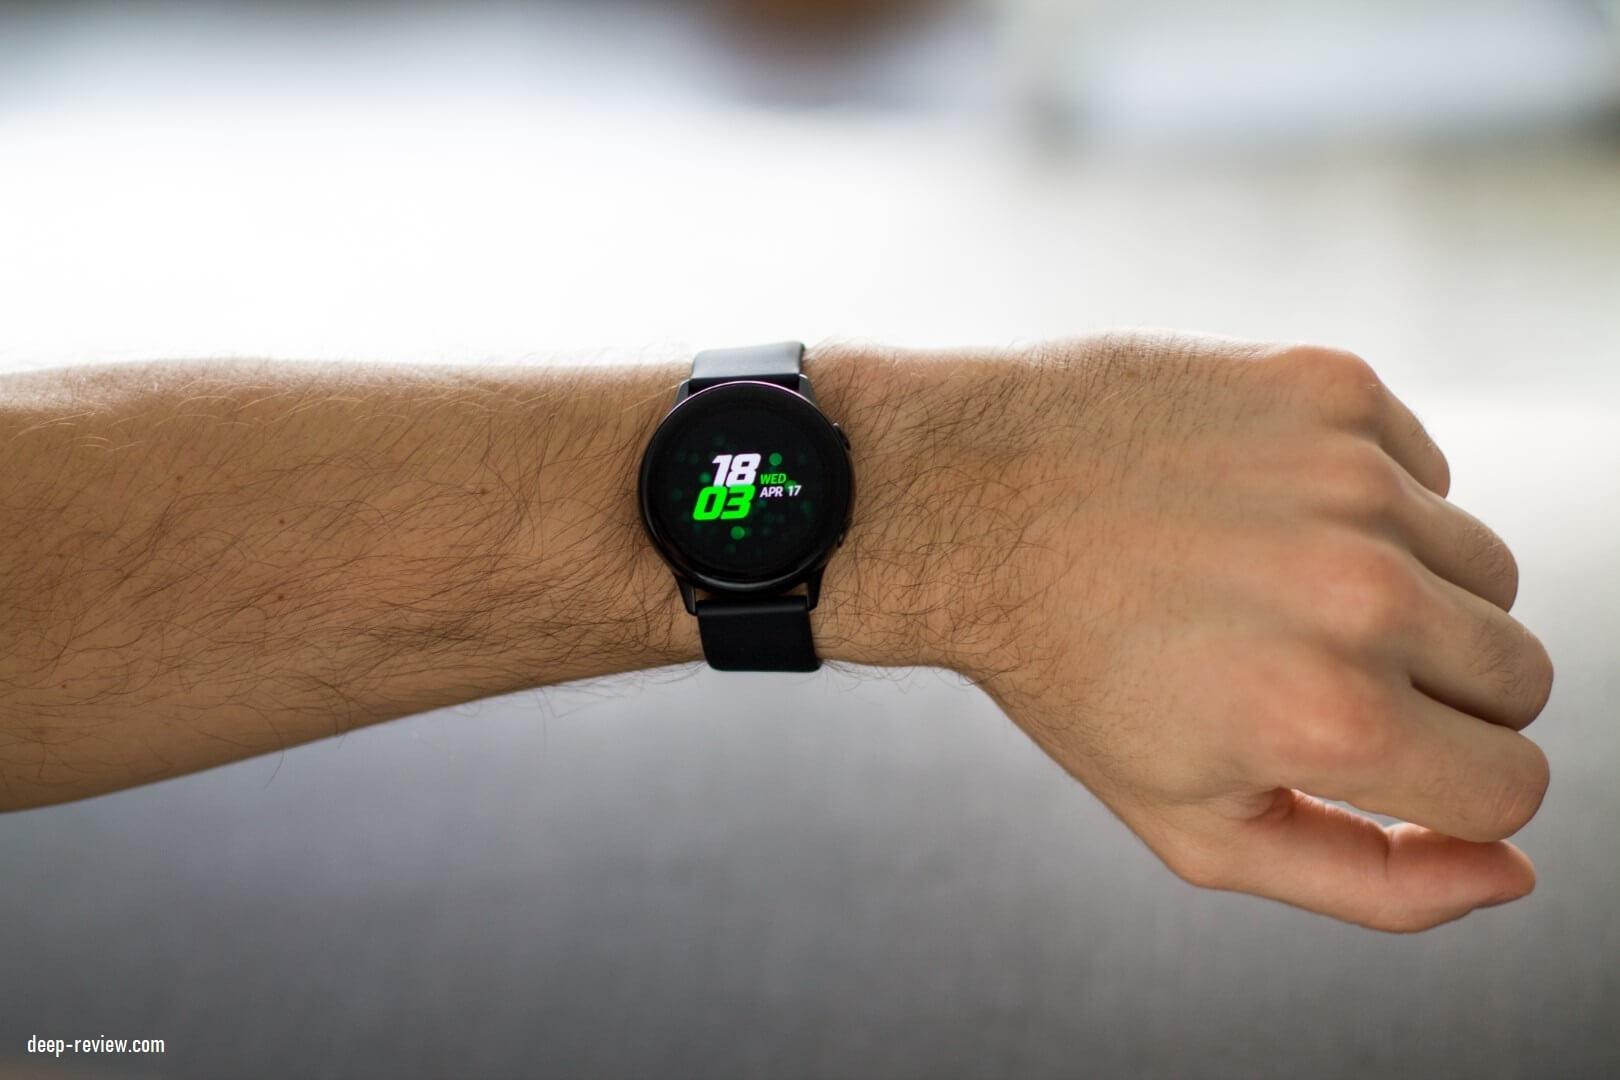 Как выглядят Samsung Galaxy Watch Active на мужском запястье?